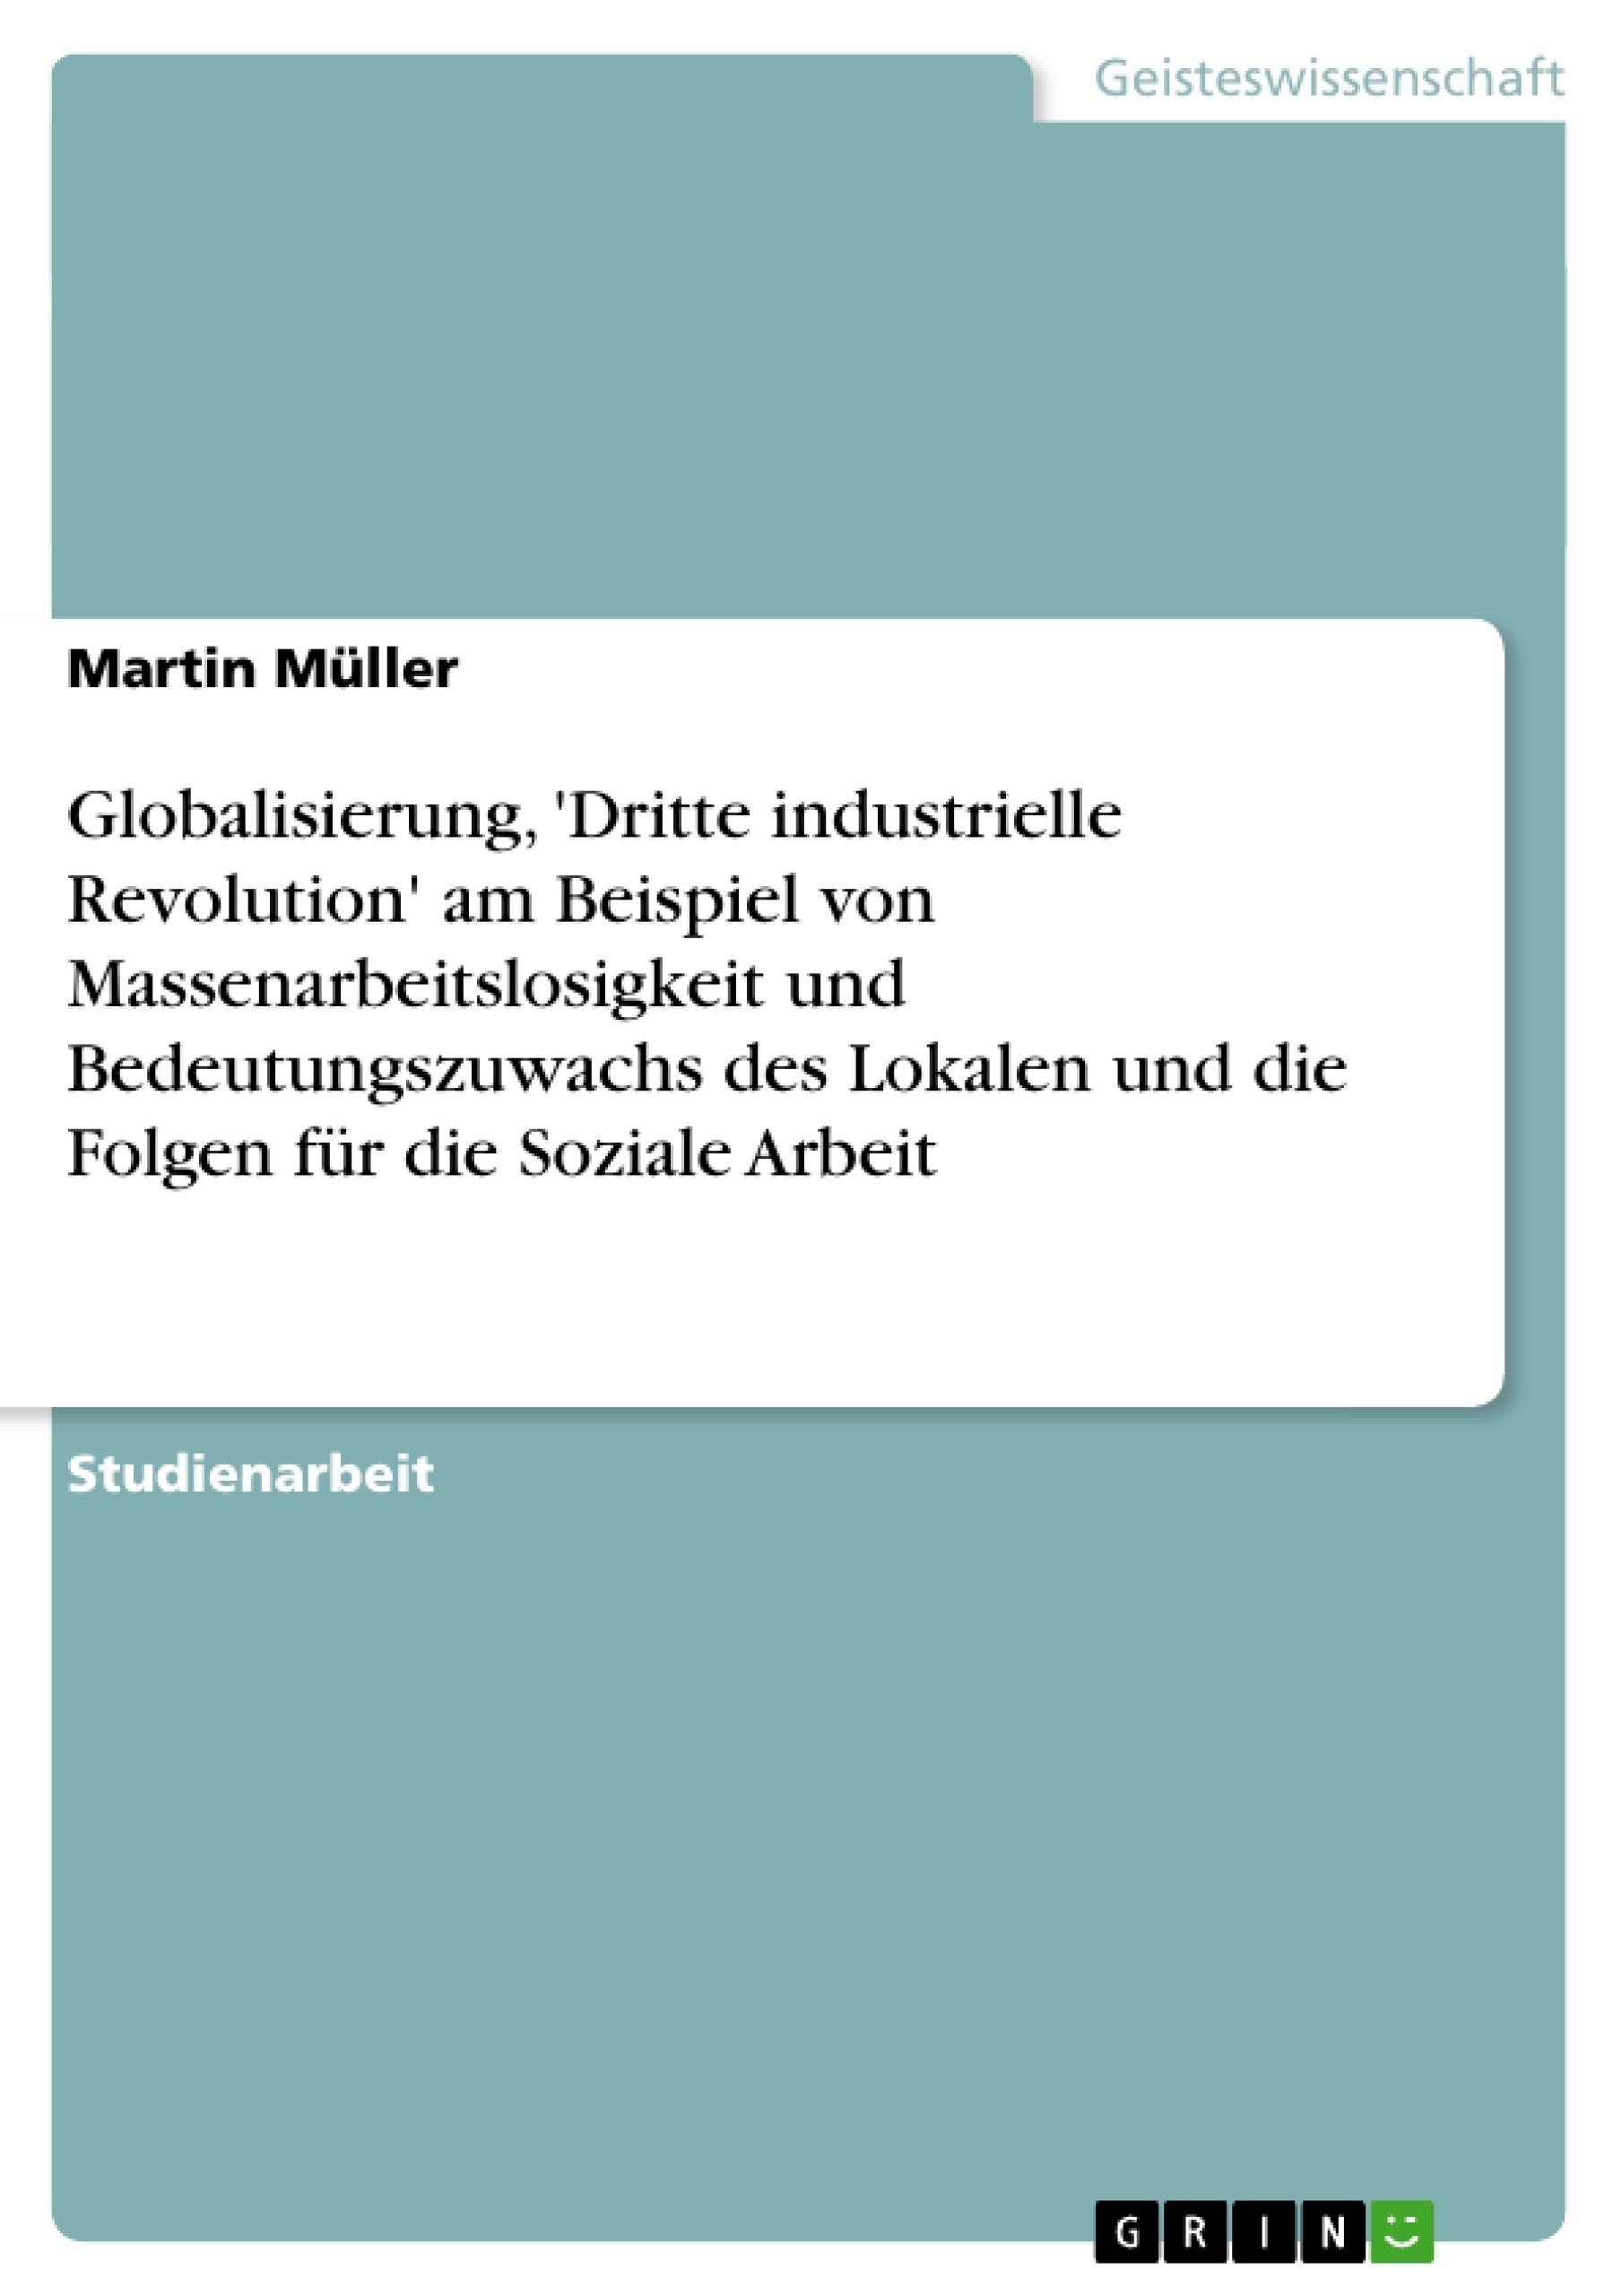 Titel: Globalisierung, 'Dritte industrielle Revolution' am Beispiel von Massenarbeitslosigkeit und Bedeutungszuwachs des Lokalen und die Folgen für die Soziale Arbeit